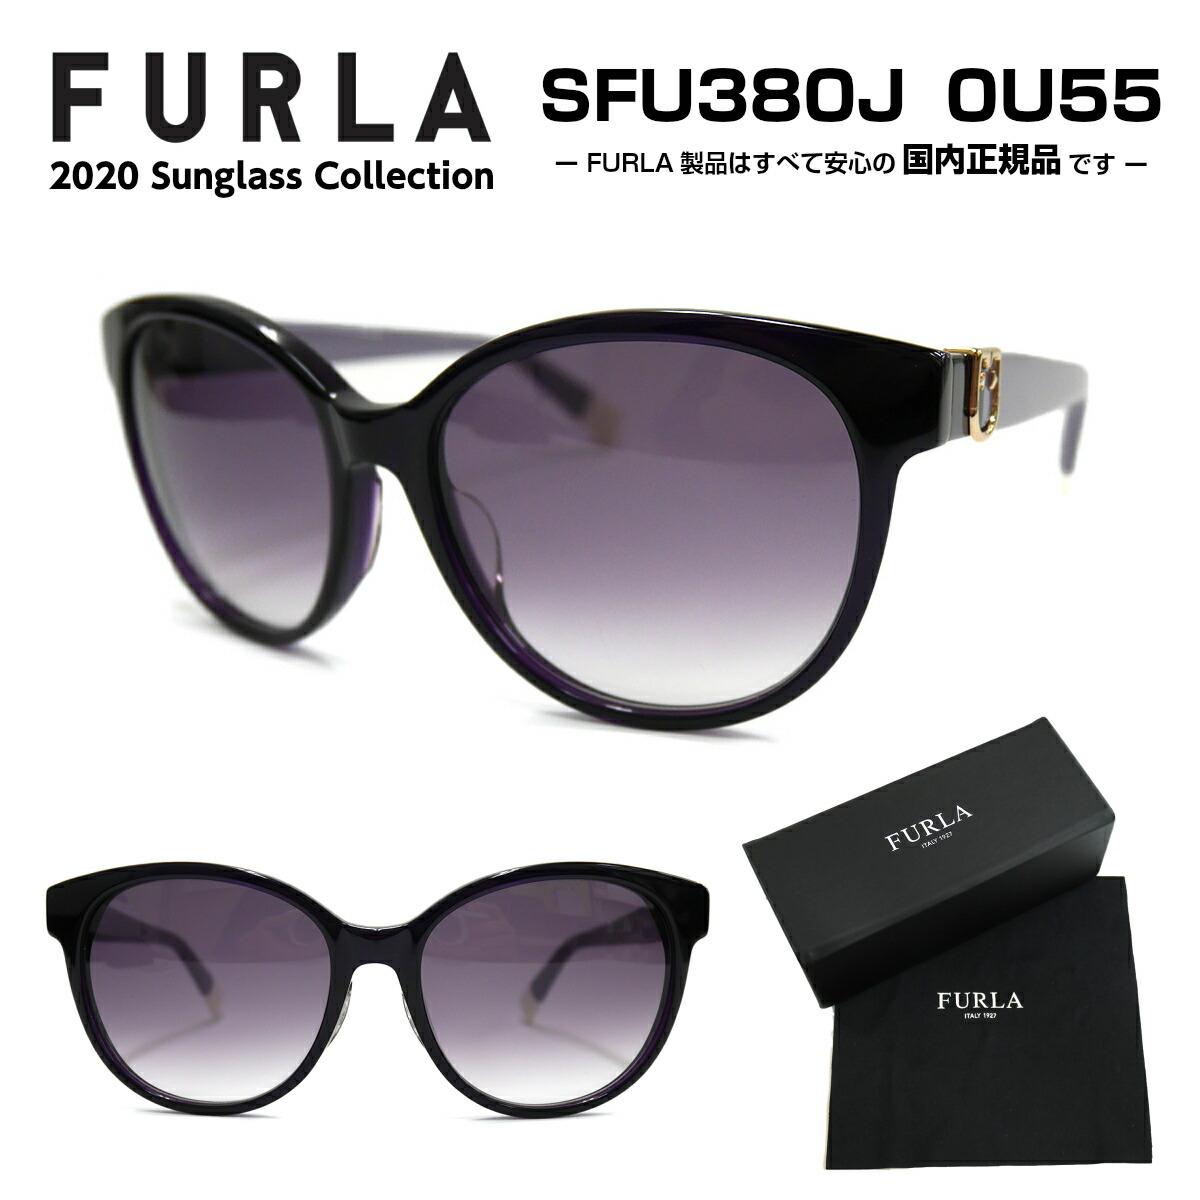 FURLA フルラ サングラス SFU380J 0U55 2020年モデル SUNGLASS メガネ レディース 女性 正規品 UVカット ライトカラー うすめ きれい かわいい 大きめ 母の日 プレゼント ギフト オススメ